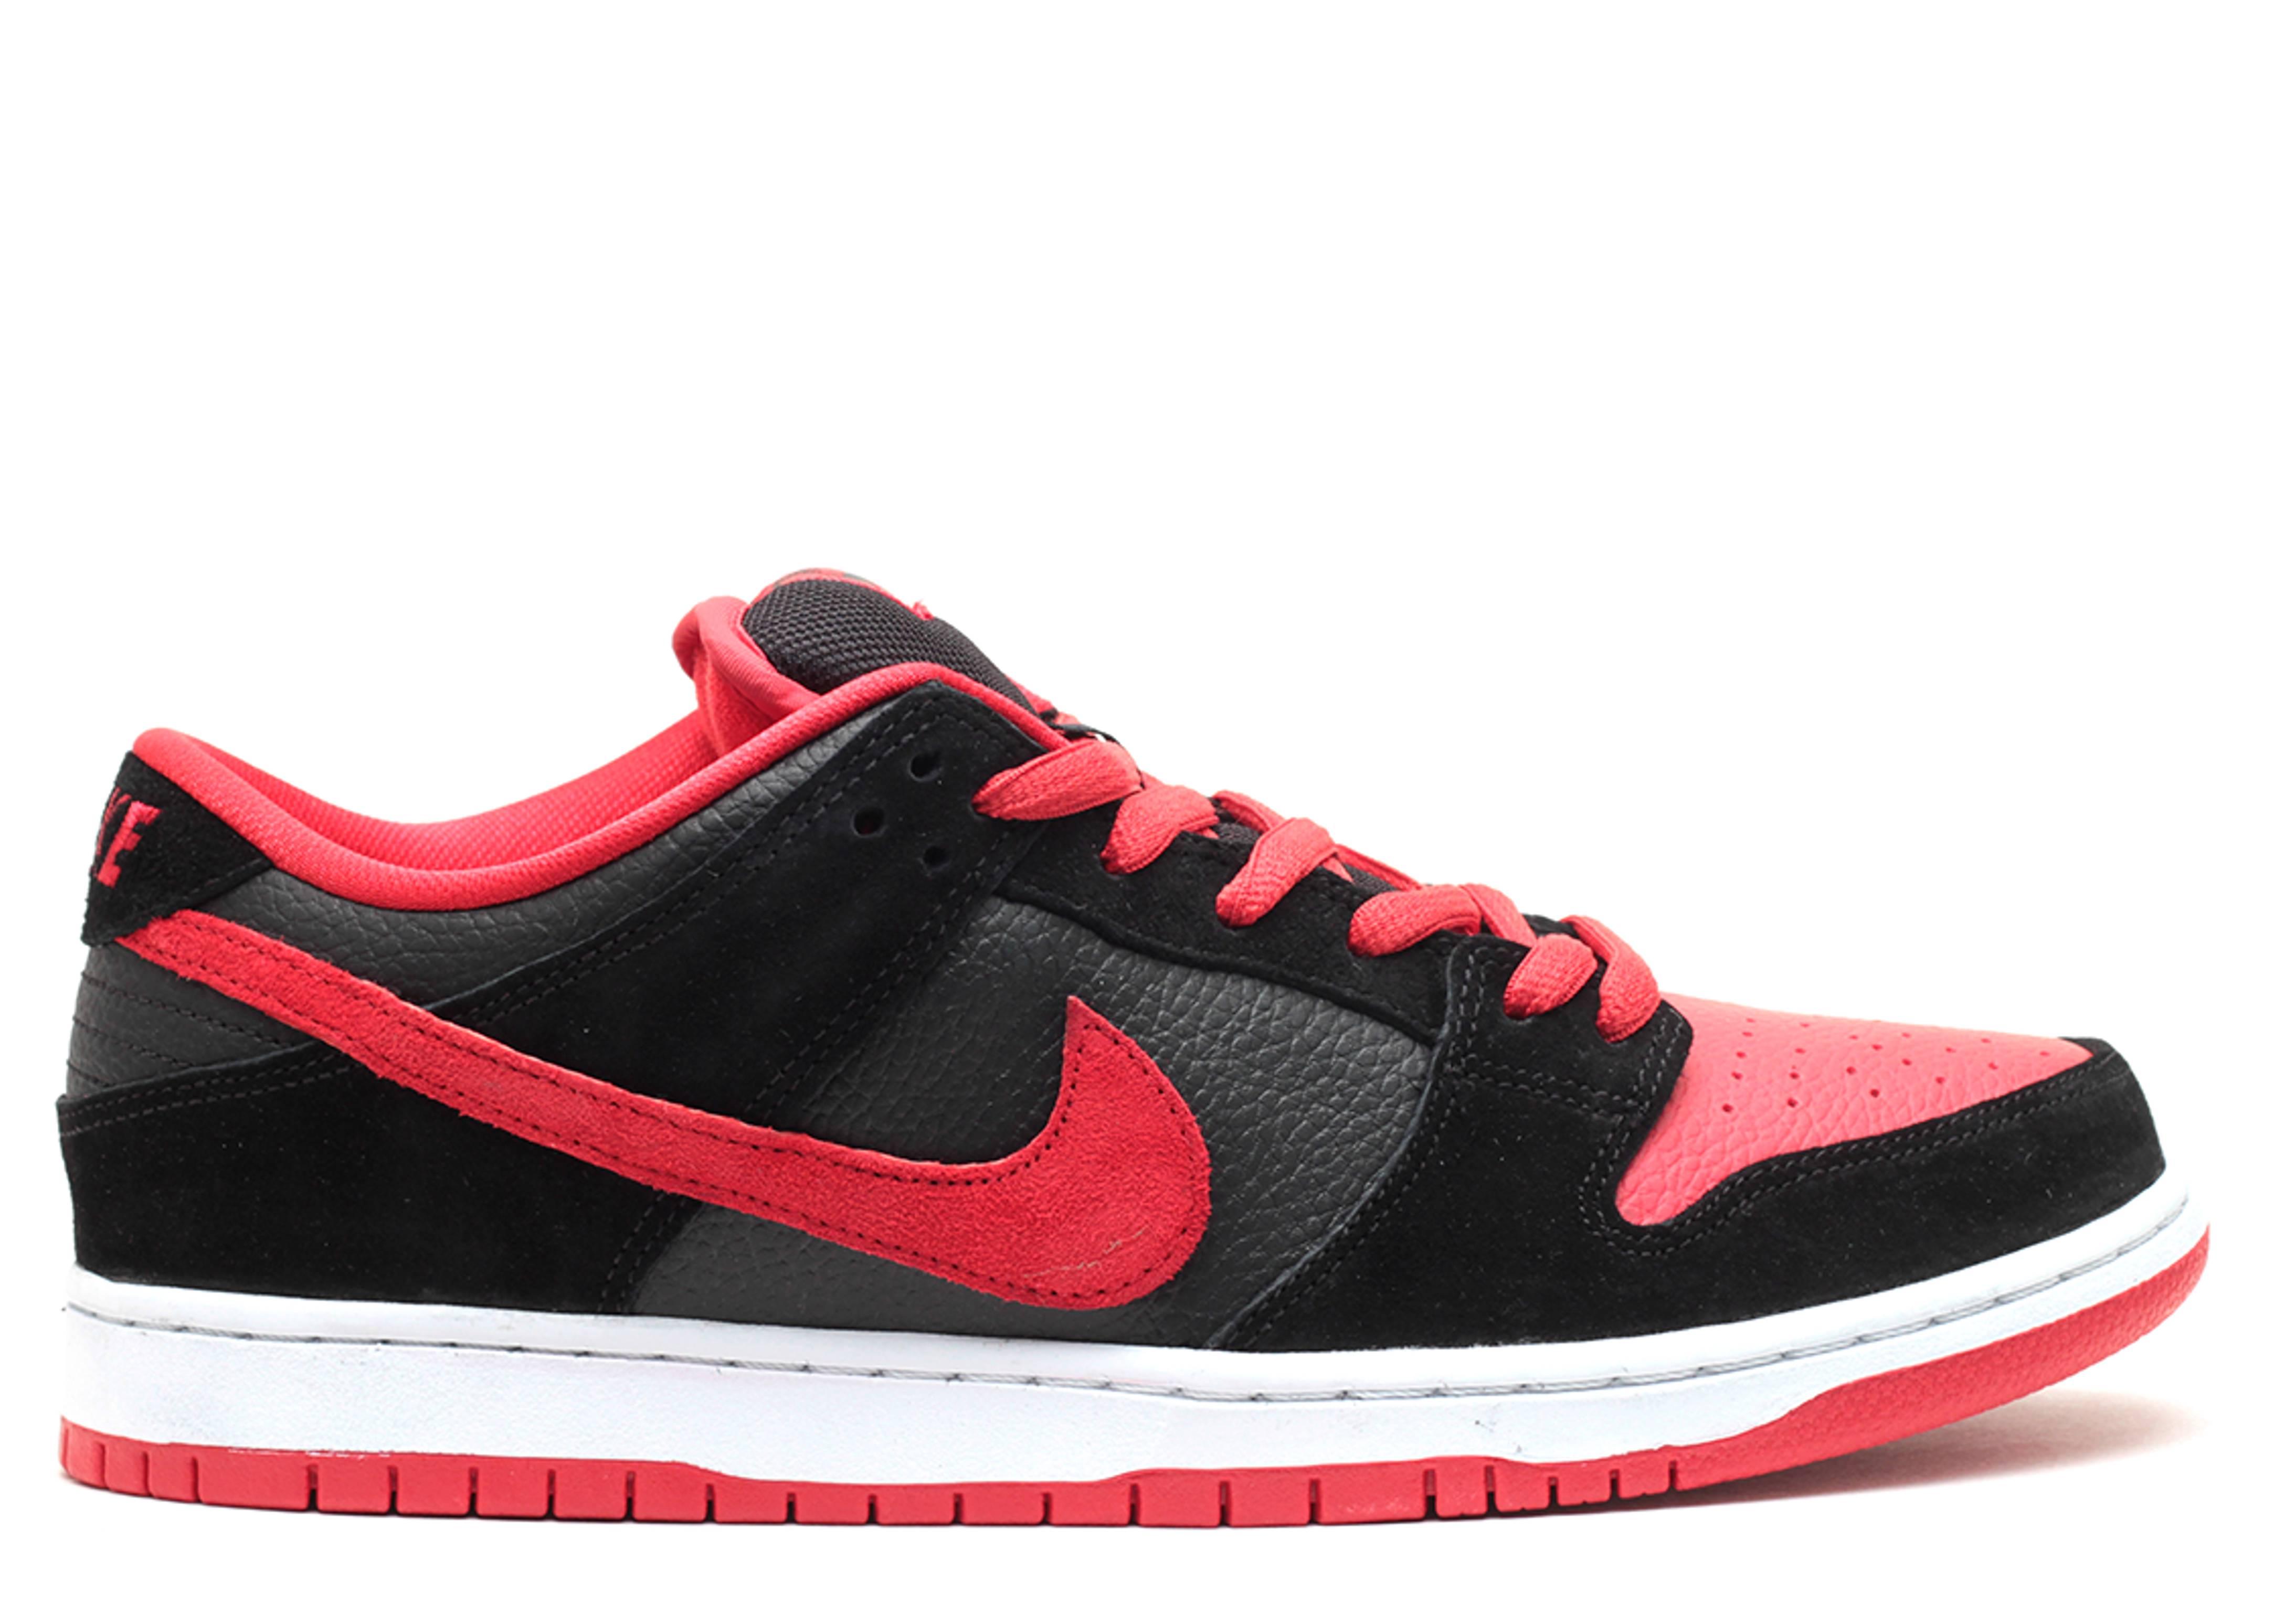 Nike Dunk Low Noir Rouge vente authentique 4a9ENM